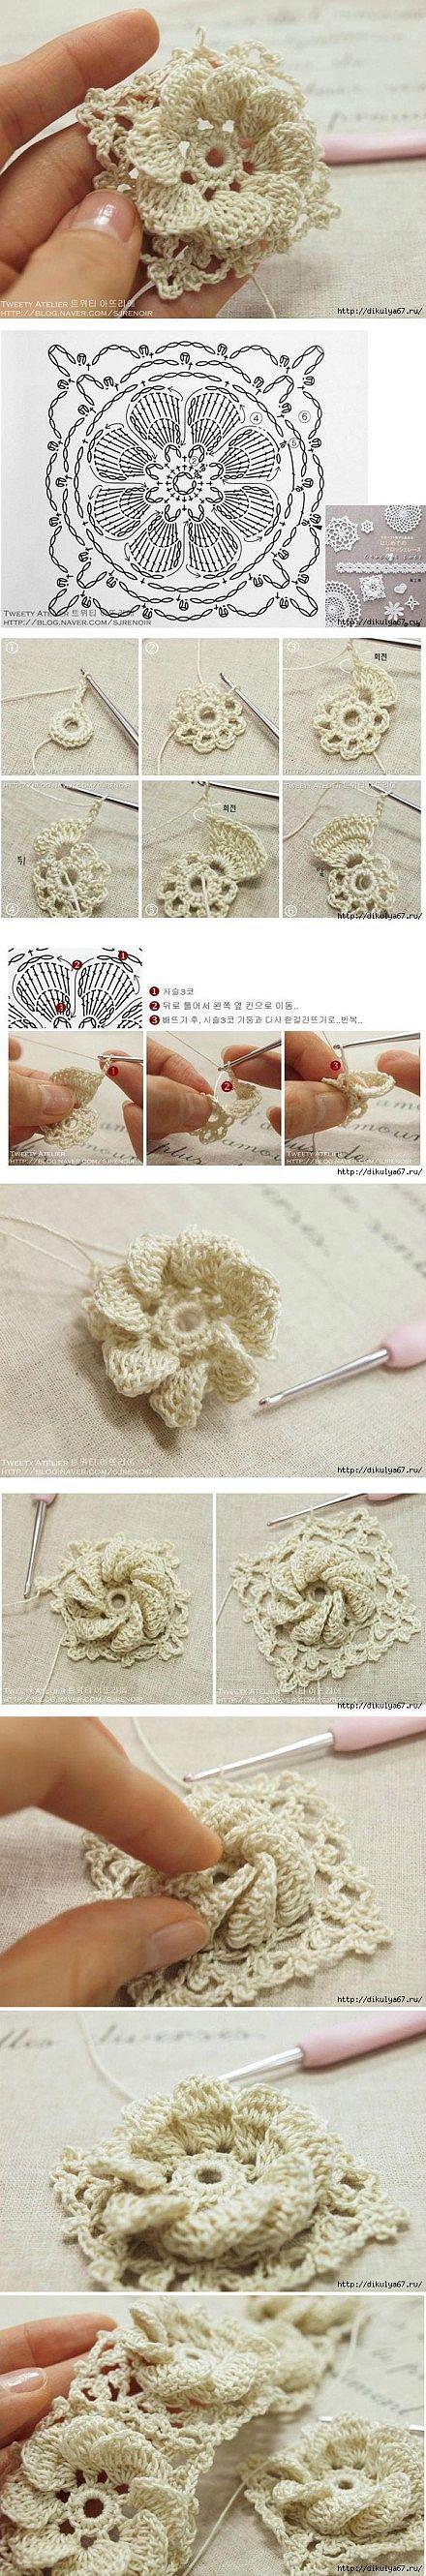 flor tejida que nos serviría para realizar broches o collares